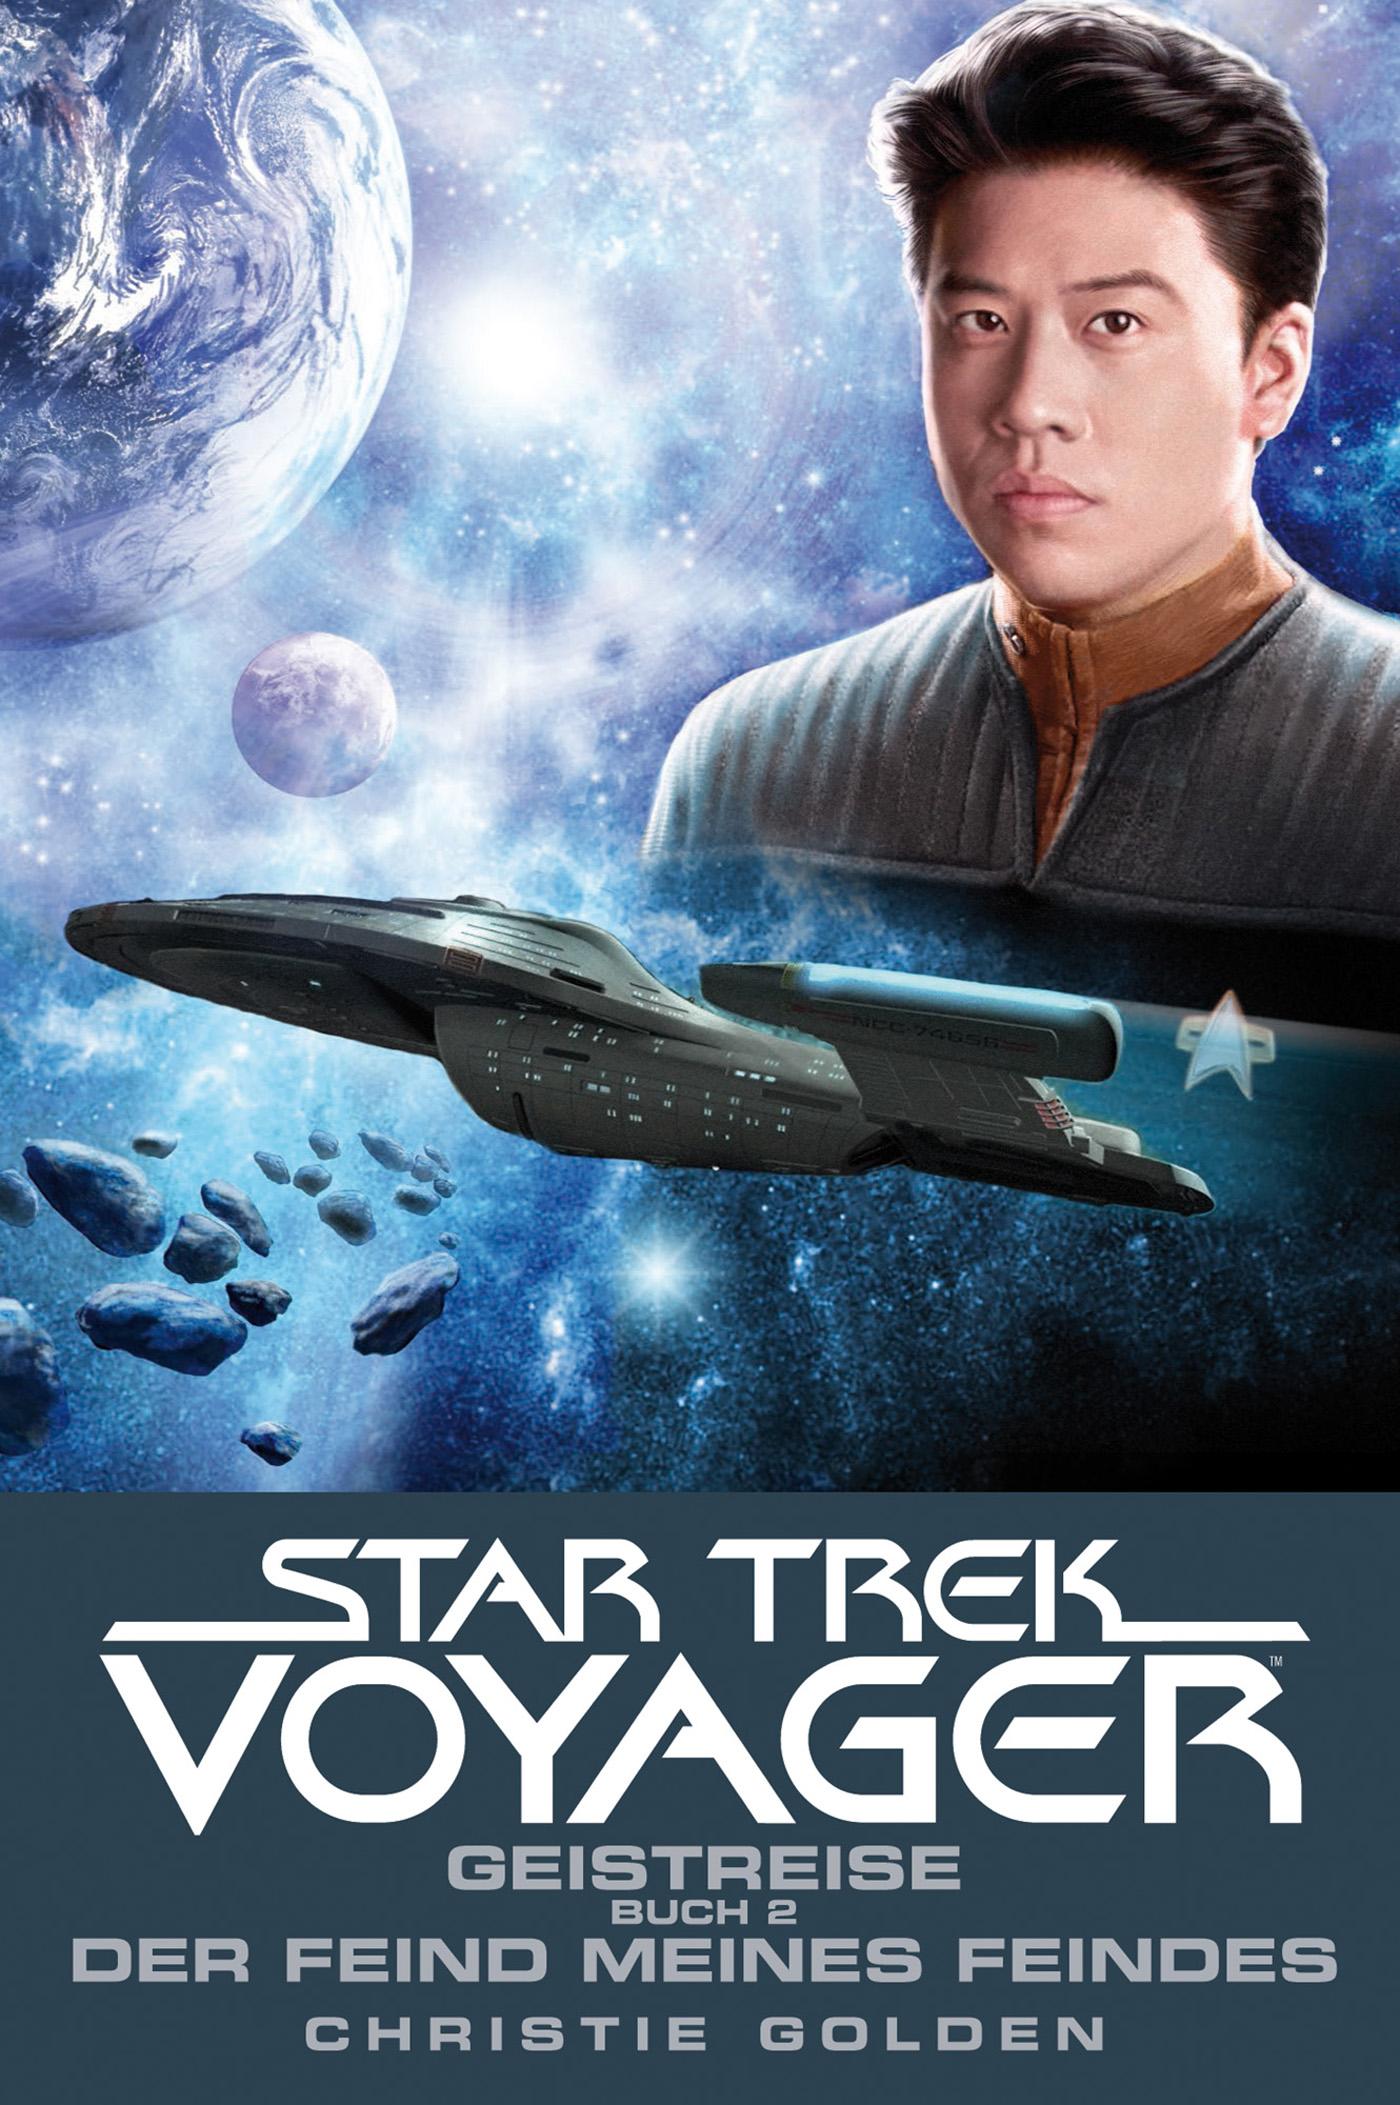 Christie Golden Star Trek - Voyager 4: Geistreise 2 - Der Feind meines Feindes christie golden world of warcraft band 2 der aufstieg der horde